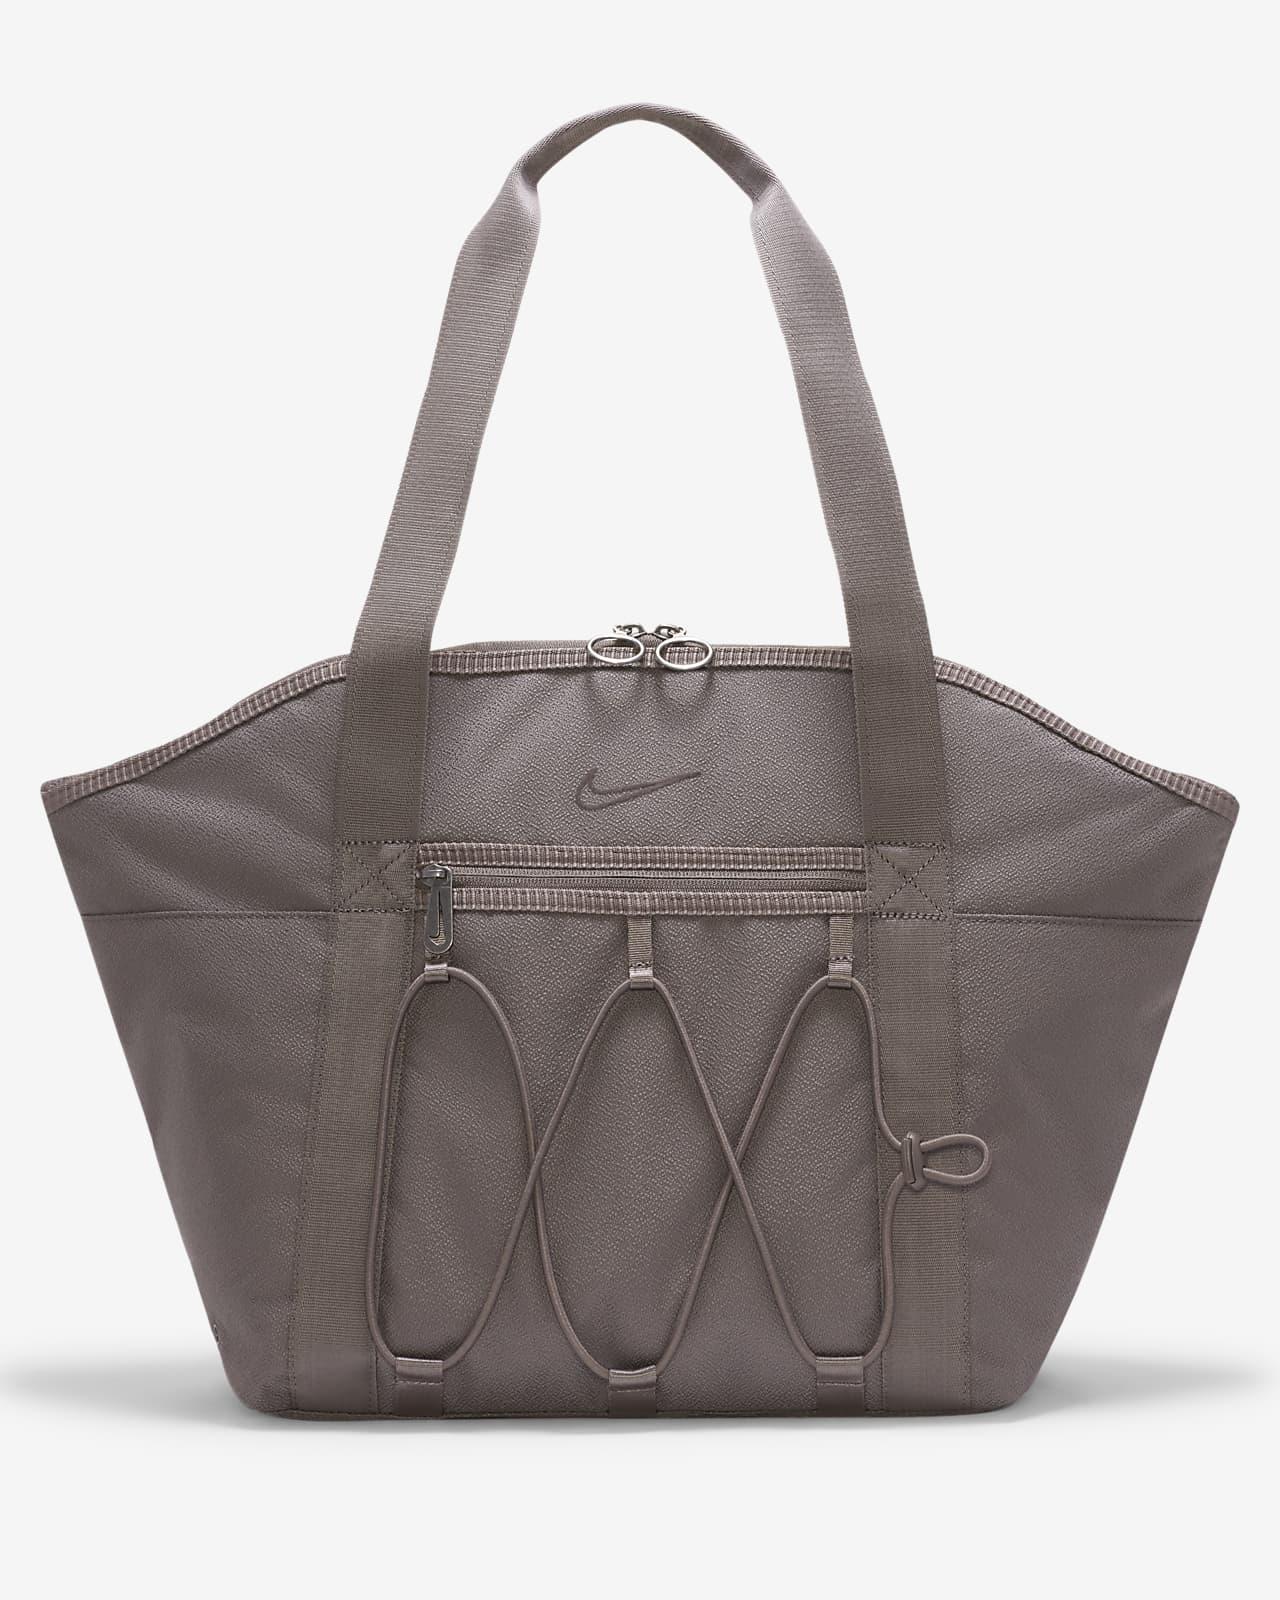 กระเป๋าสะพายเทรนนิ่งผู้หญิง Nike One